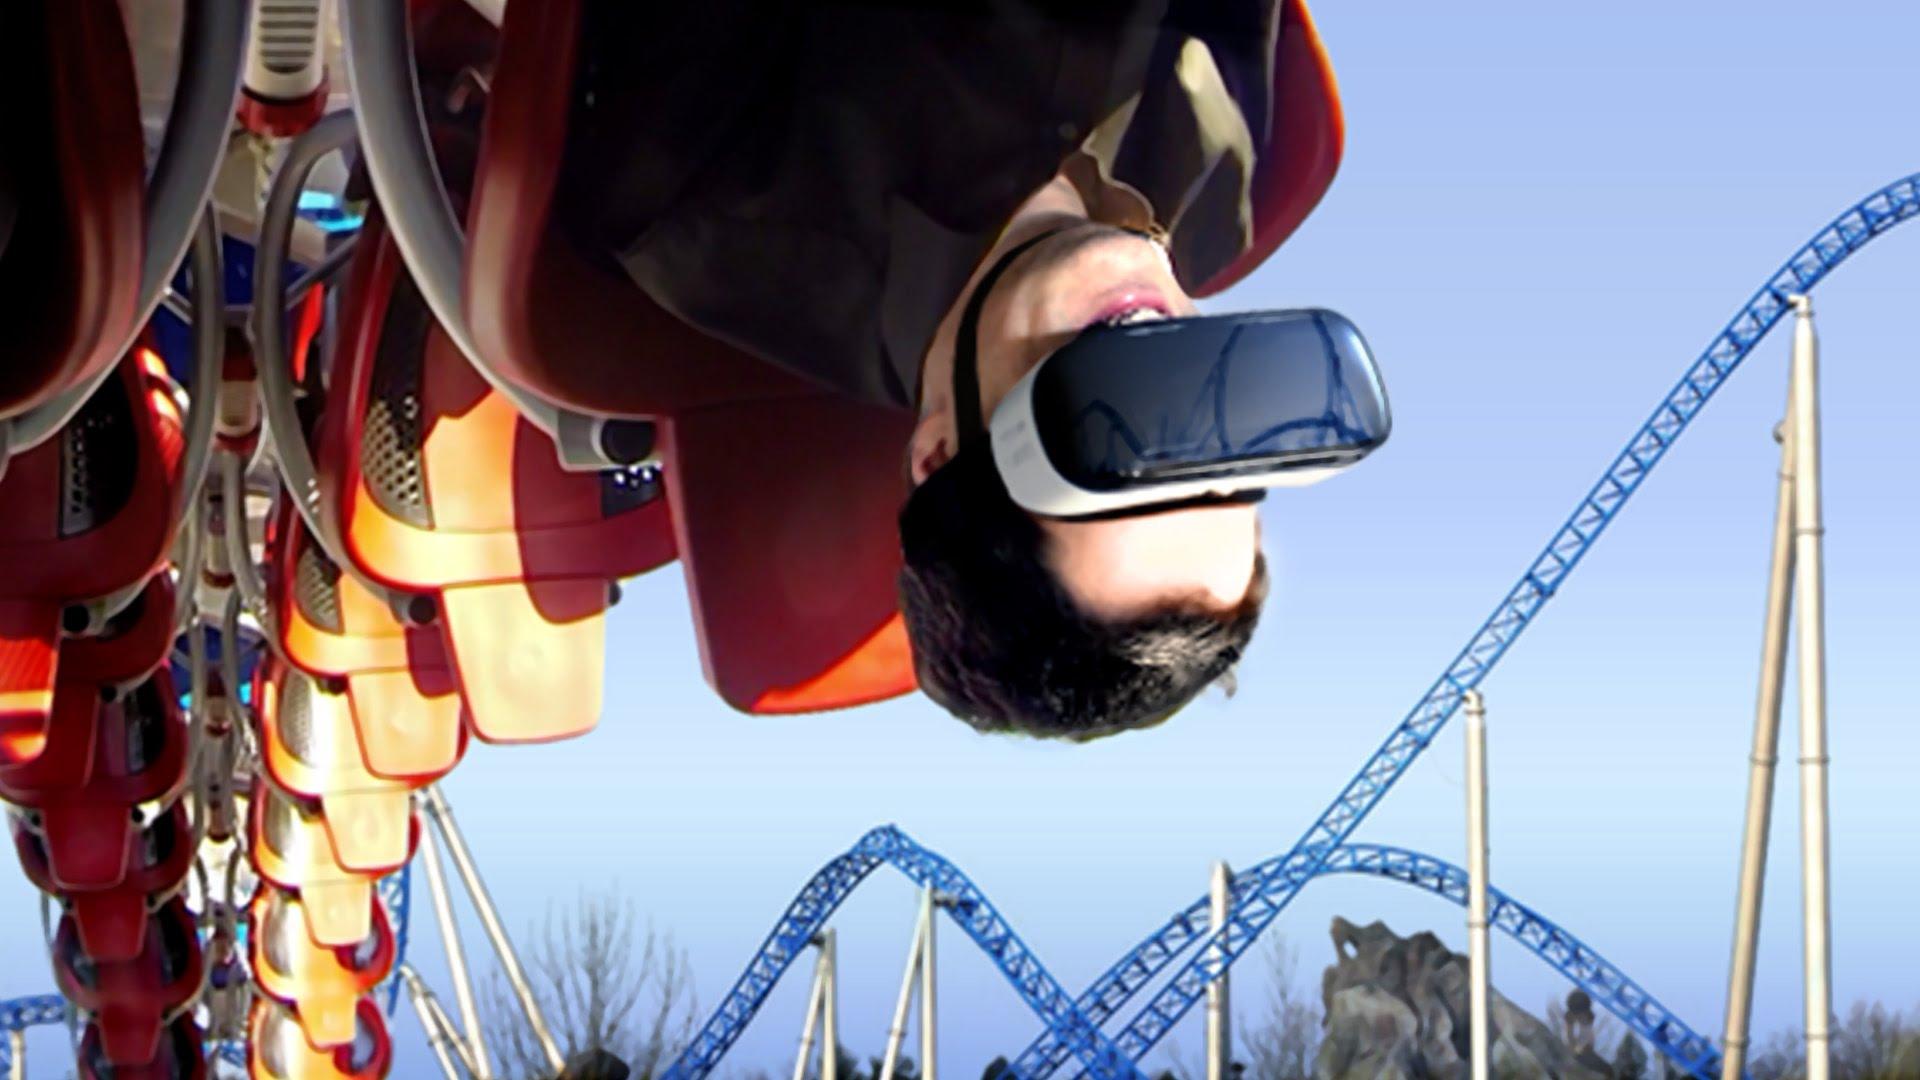 I migliori giochi di realtà virtuale per Android 1